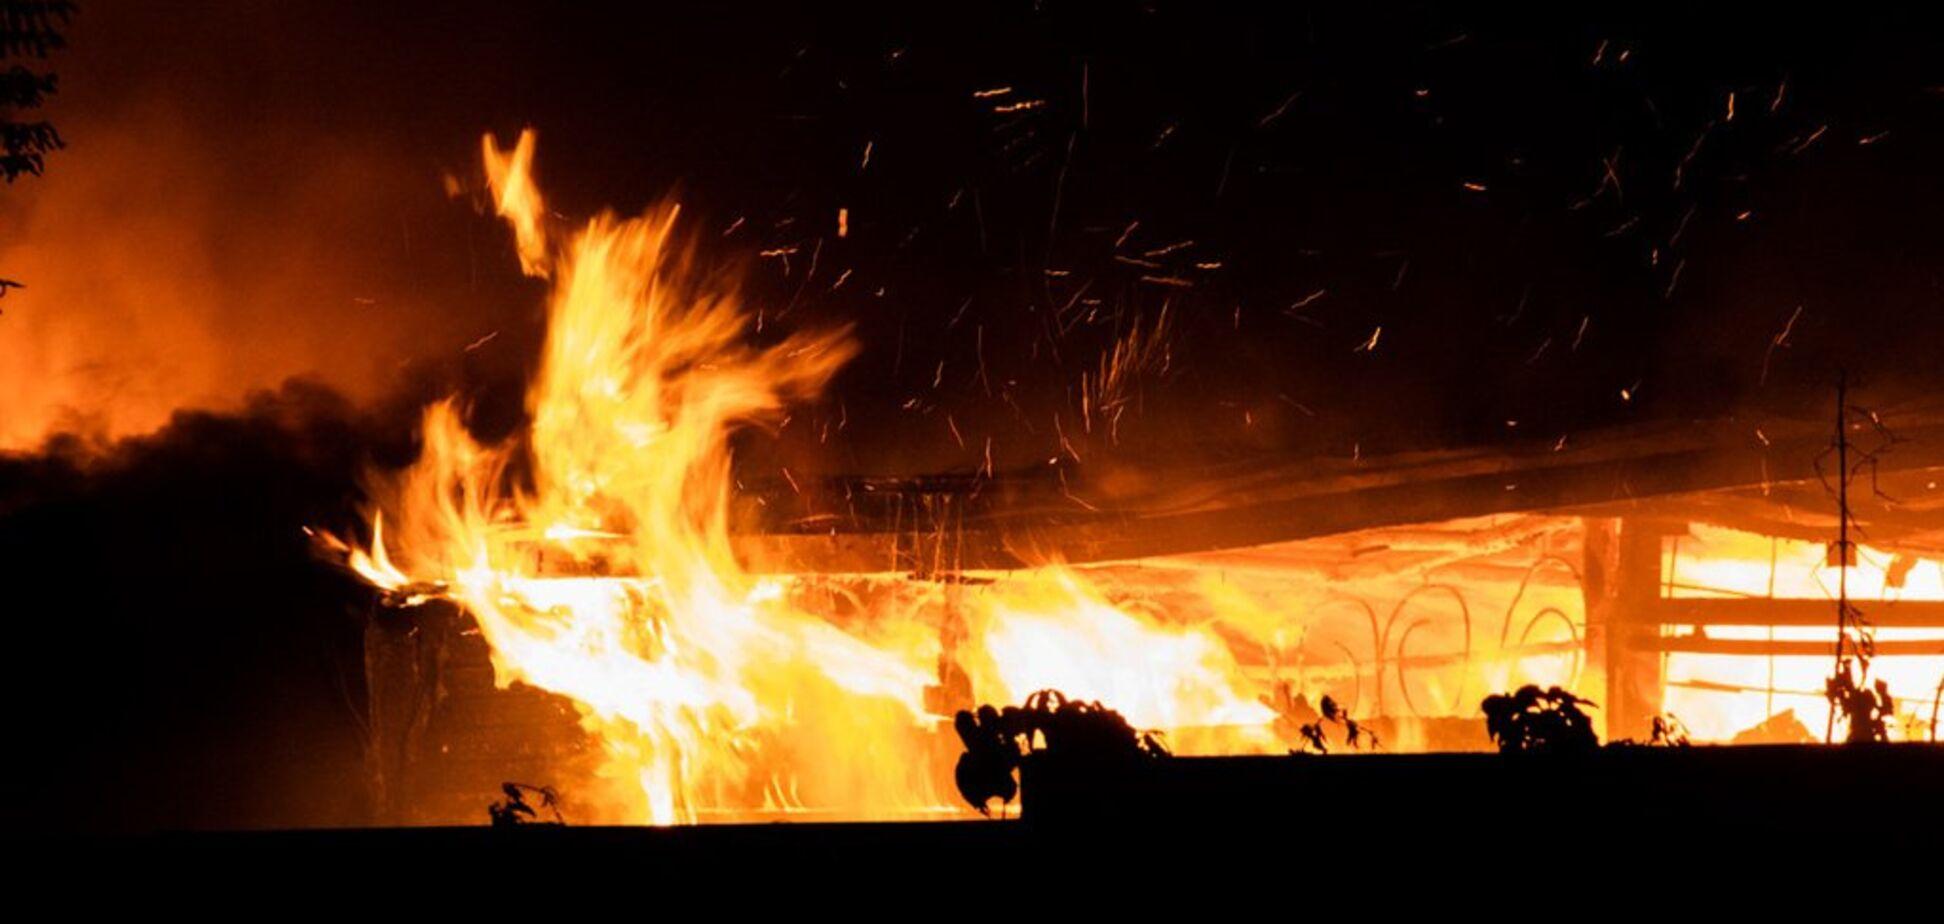 Дим до небес: у центрі Києва трапилася масштабна пожежа. Фото